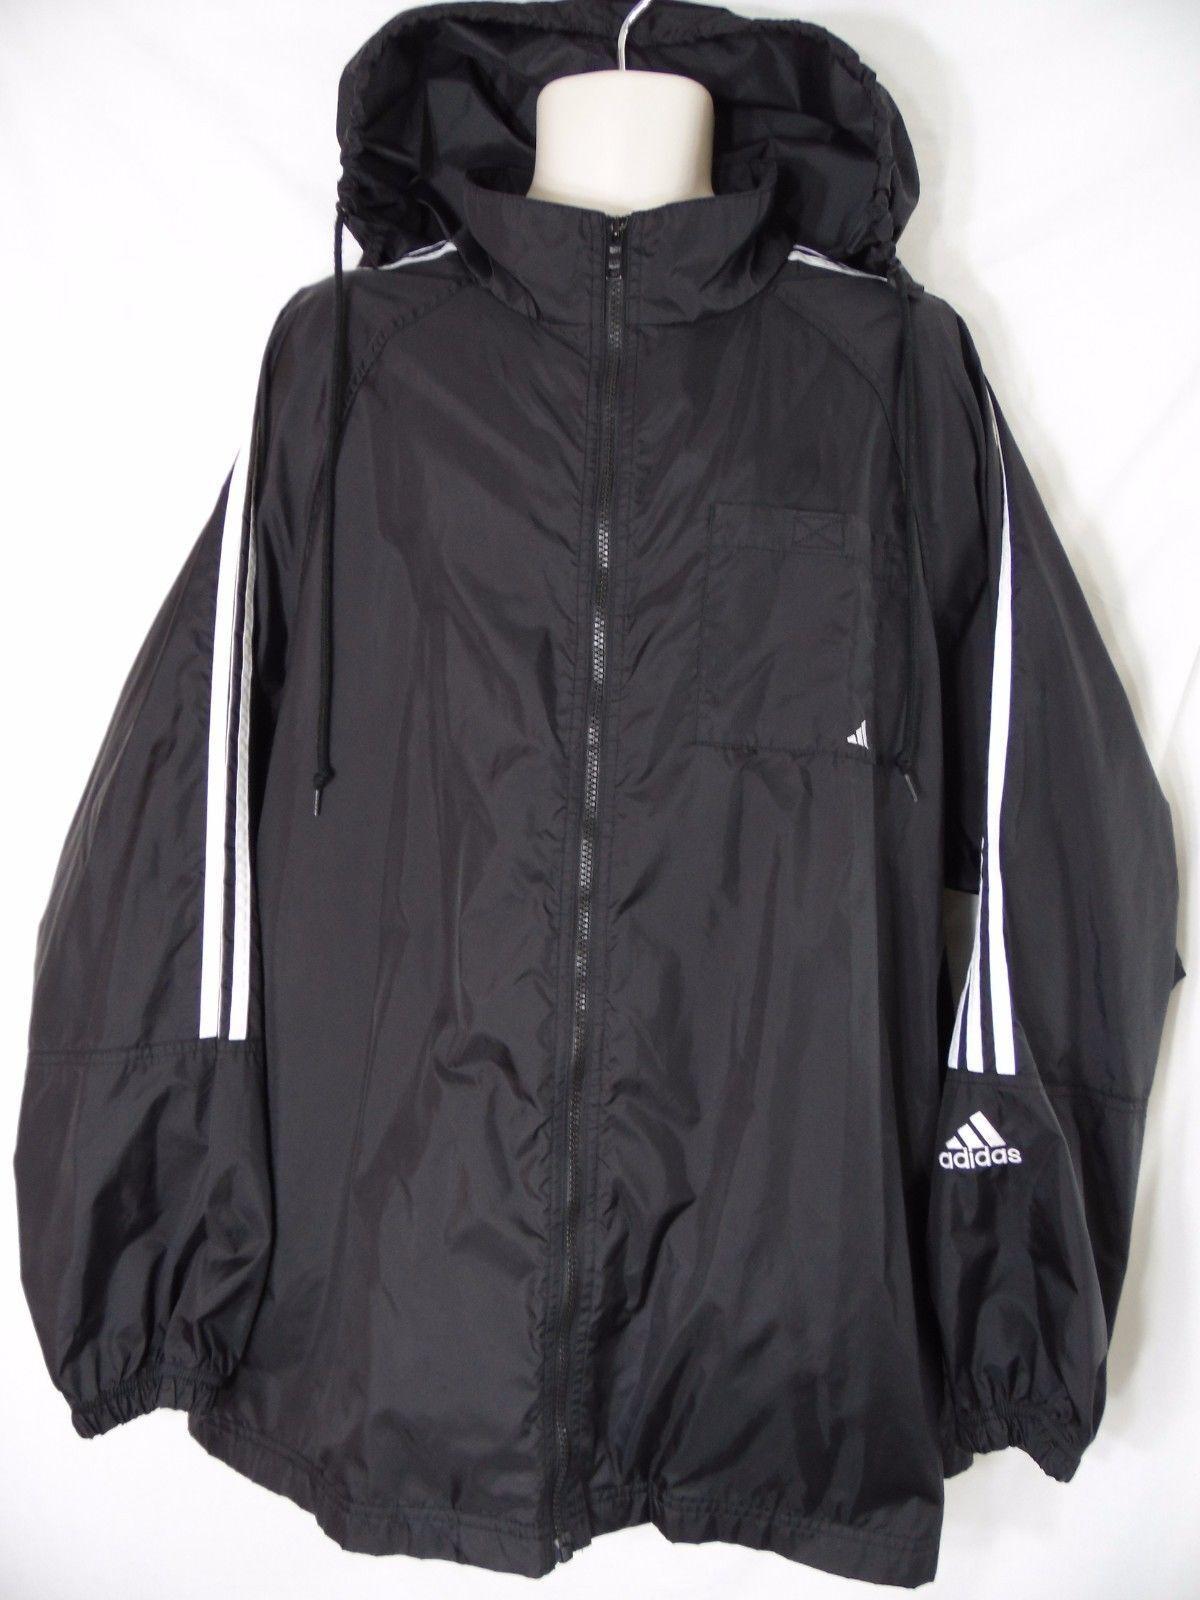 Hevoiok Casual Mens Winter Outdoors Sports Jackets Waterproof Windproof Hooded Zipper Coats Multi Zip Pockets Windbreaker